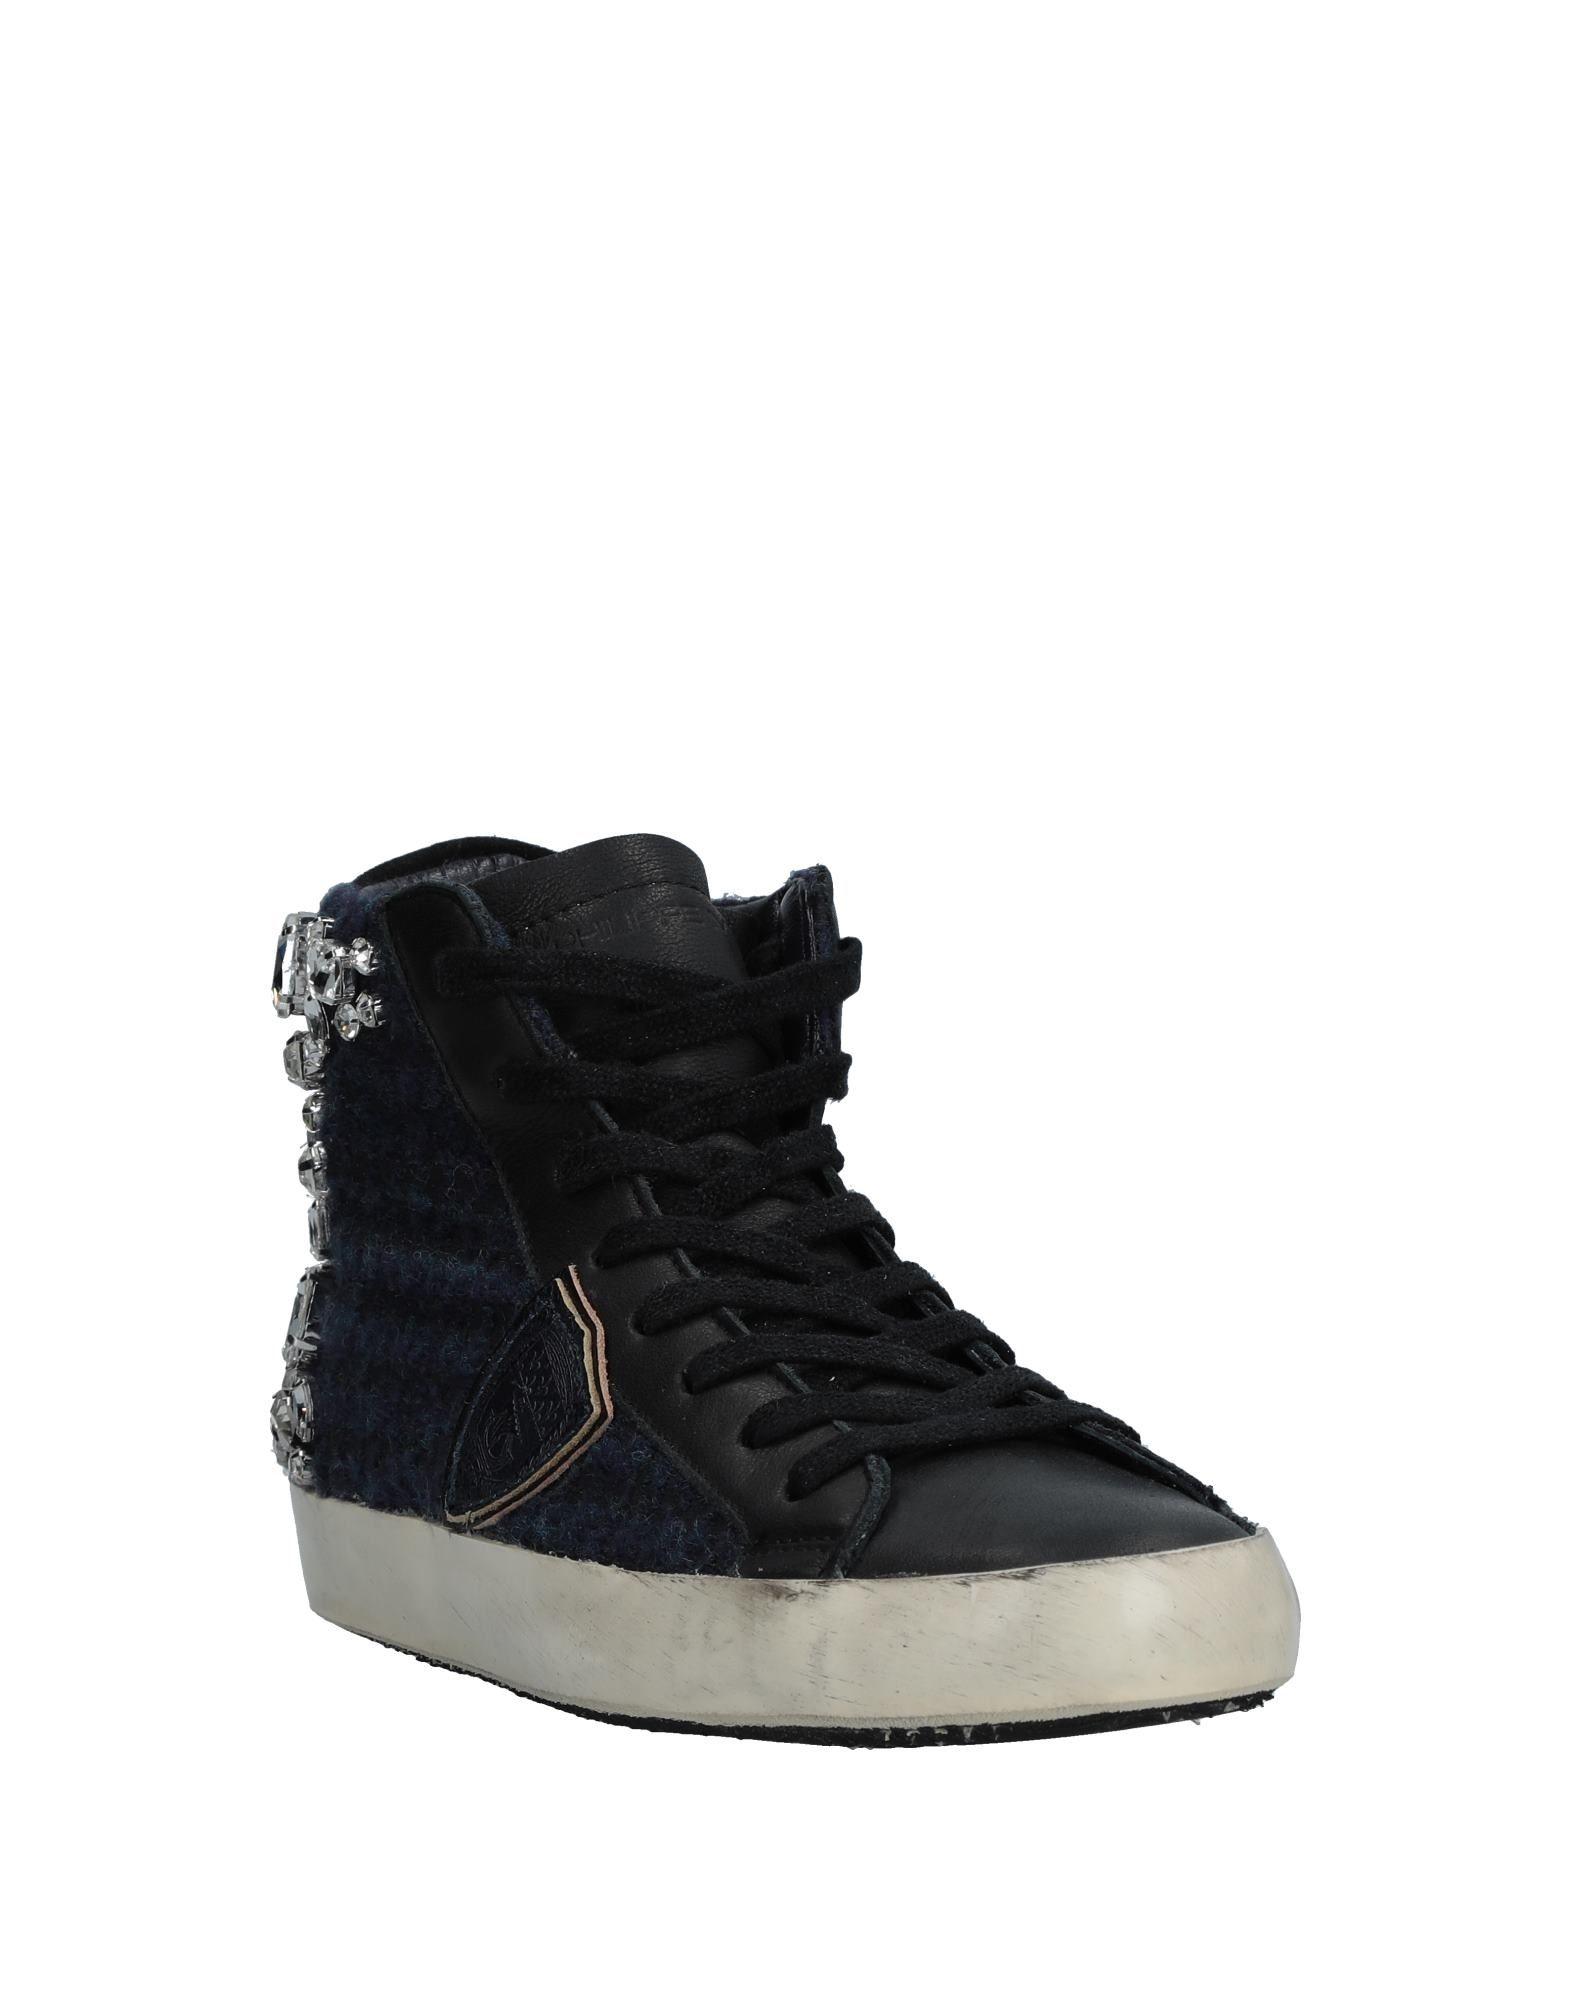 Philippe Model Damen Sneakers Damen Model Gutes Preis-Leistungs-Verhältnis, es lohnt sich 7ea1b4